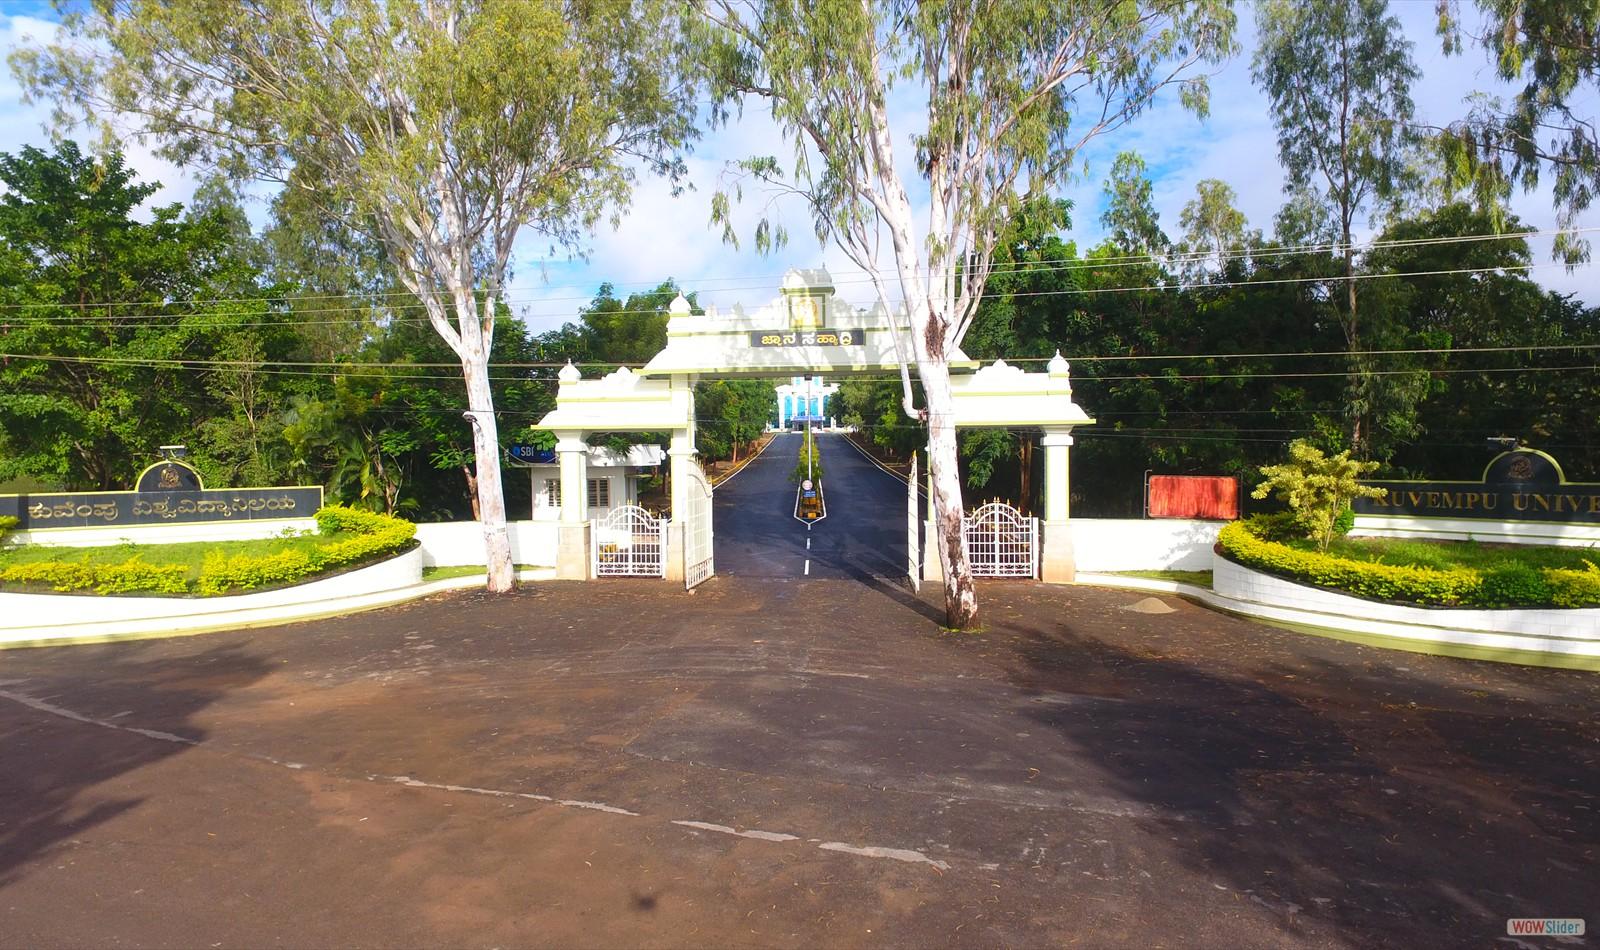 Directorate of Distance Education, Kuvempu University